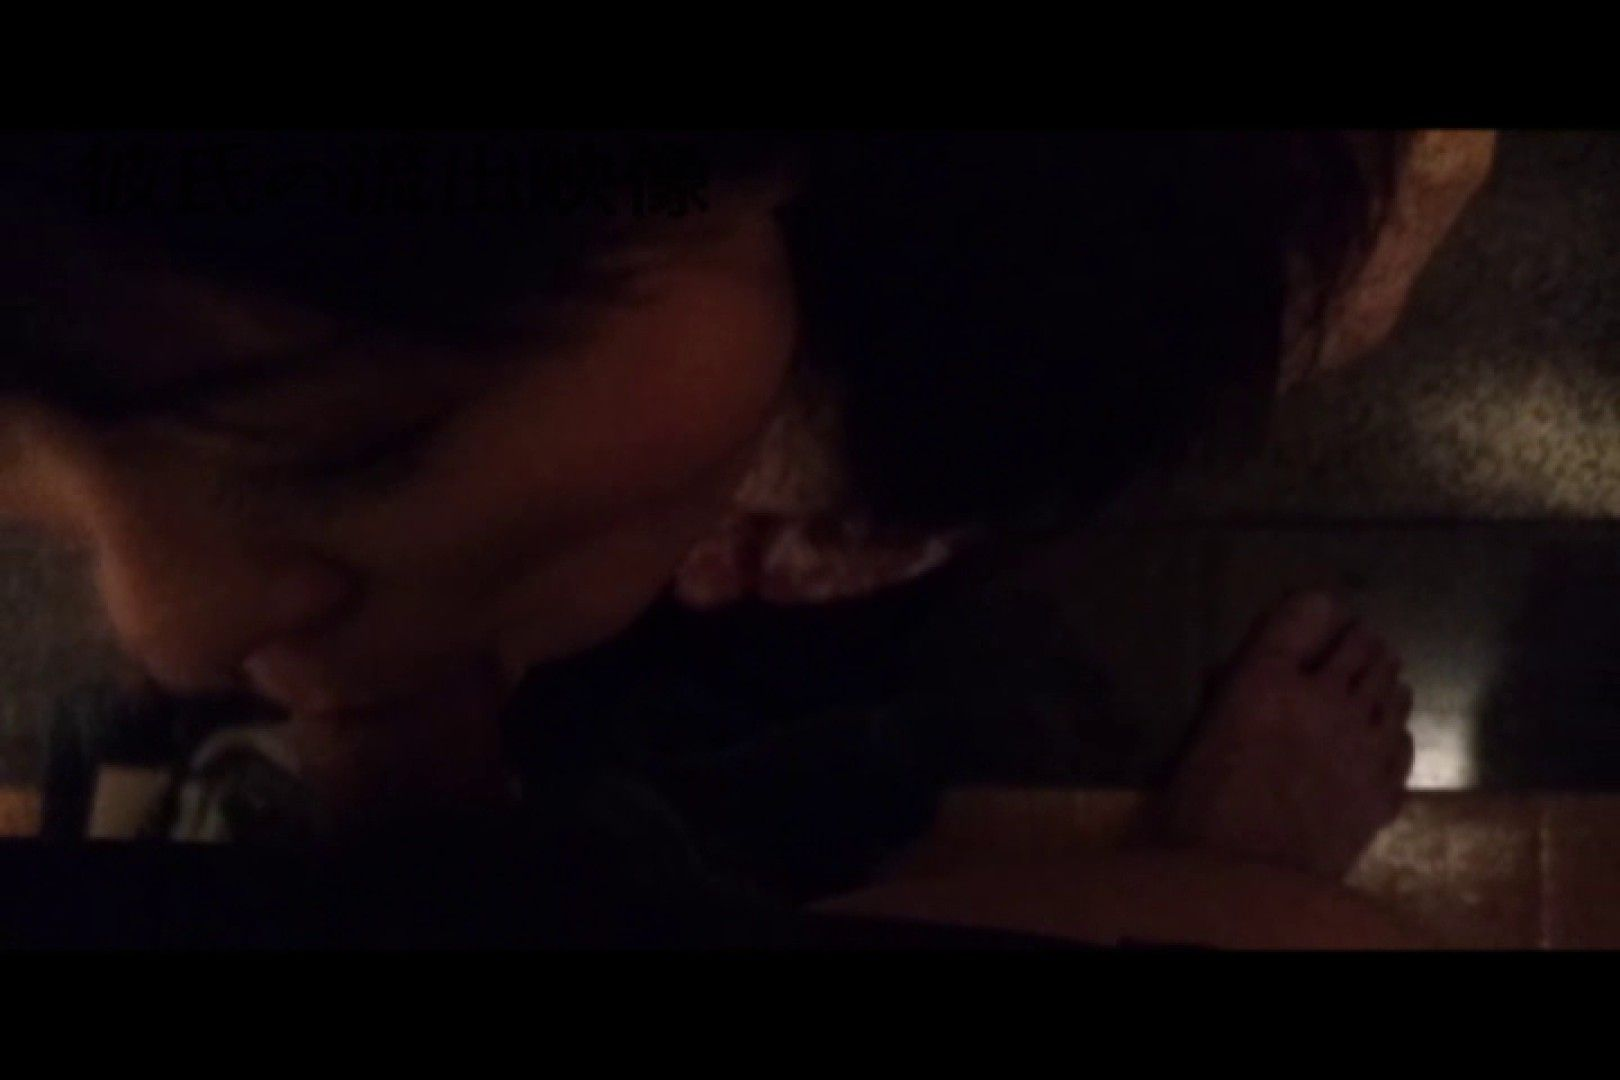 彼氏が流出 パイパン素人嬢のハメ撮り映像03 カップル AV無料 85pic 44